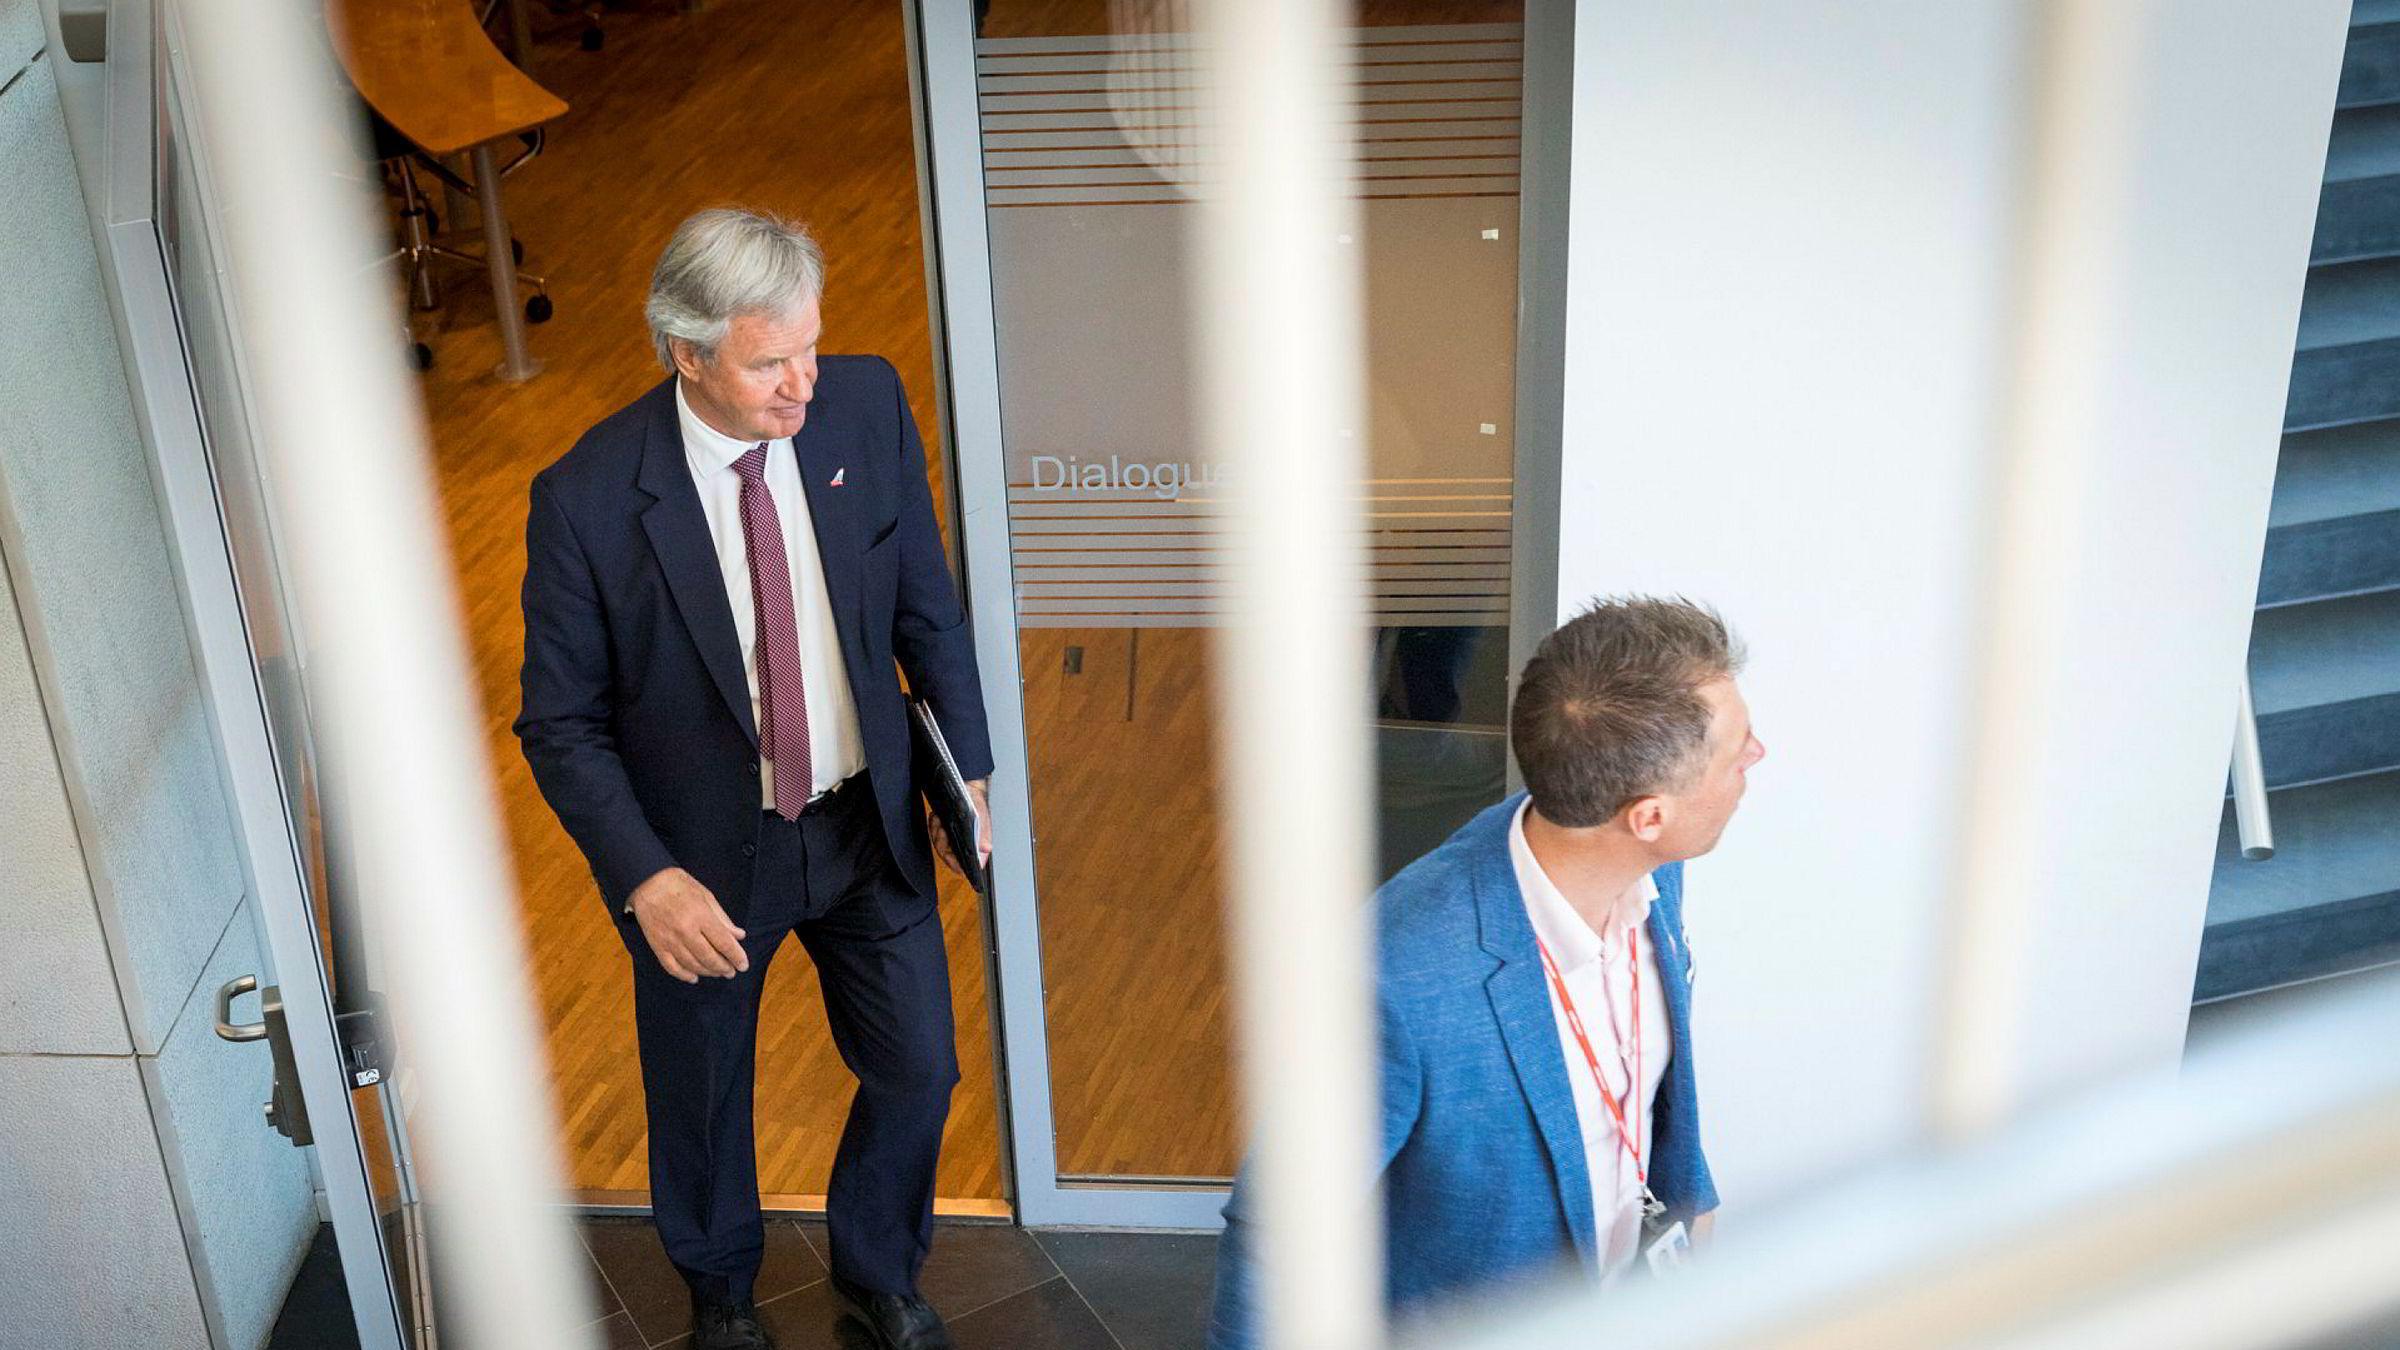 Bjørn Kjos forlater presentasjonen av resultatet etter første kvartal. I forgrunnen kommunikasjonssjef Lasse Sandaker-Nielsen.